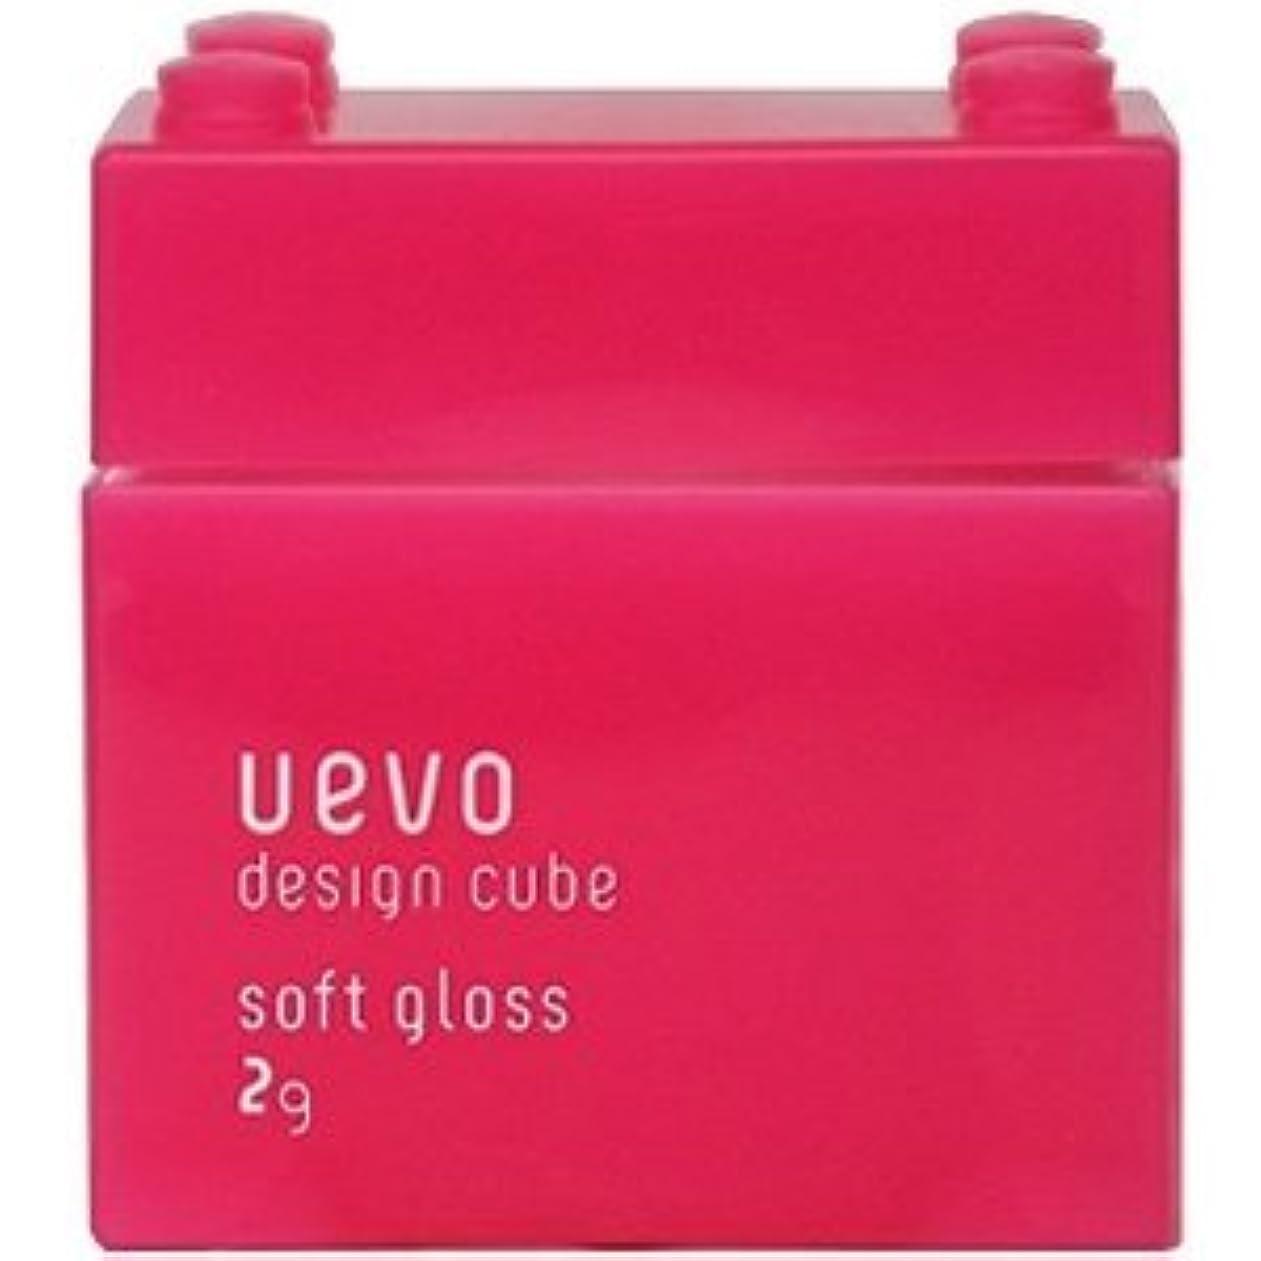 空気太鼓腹灰【X2個セット】 デミ ウェーボ デザインキューブ ソフトグロス 80g soft gloss DEMI uevo design cube